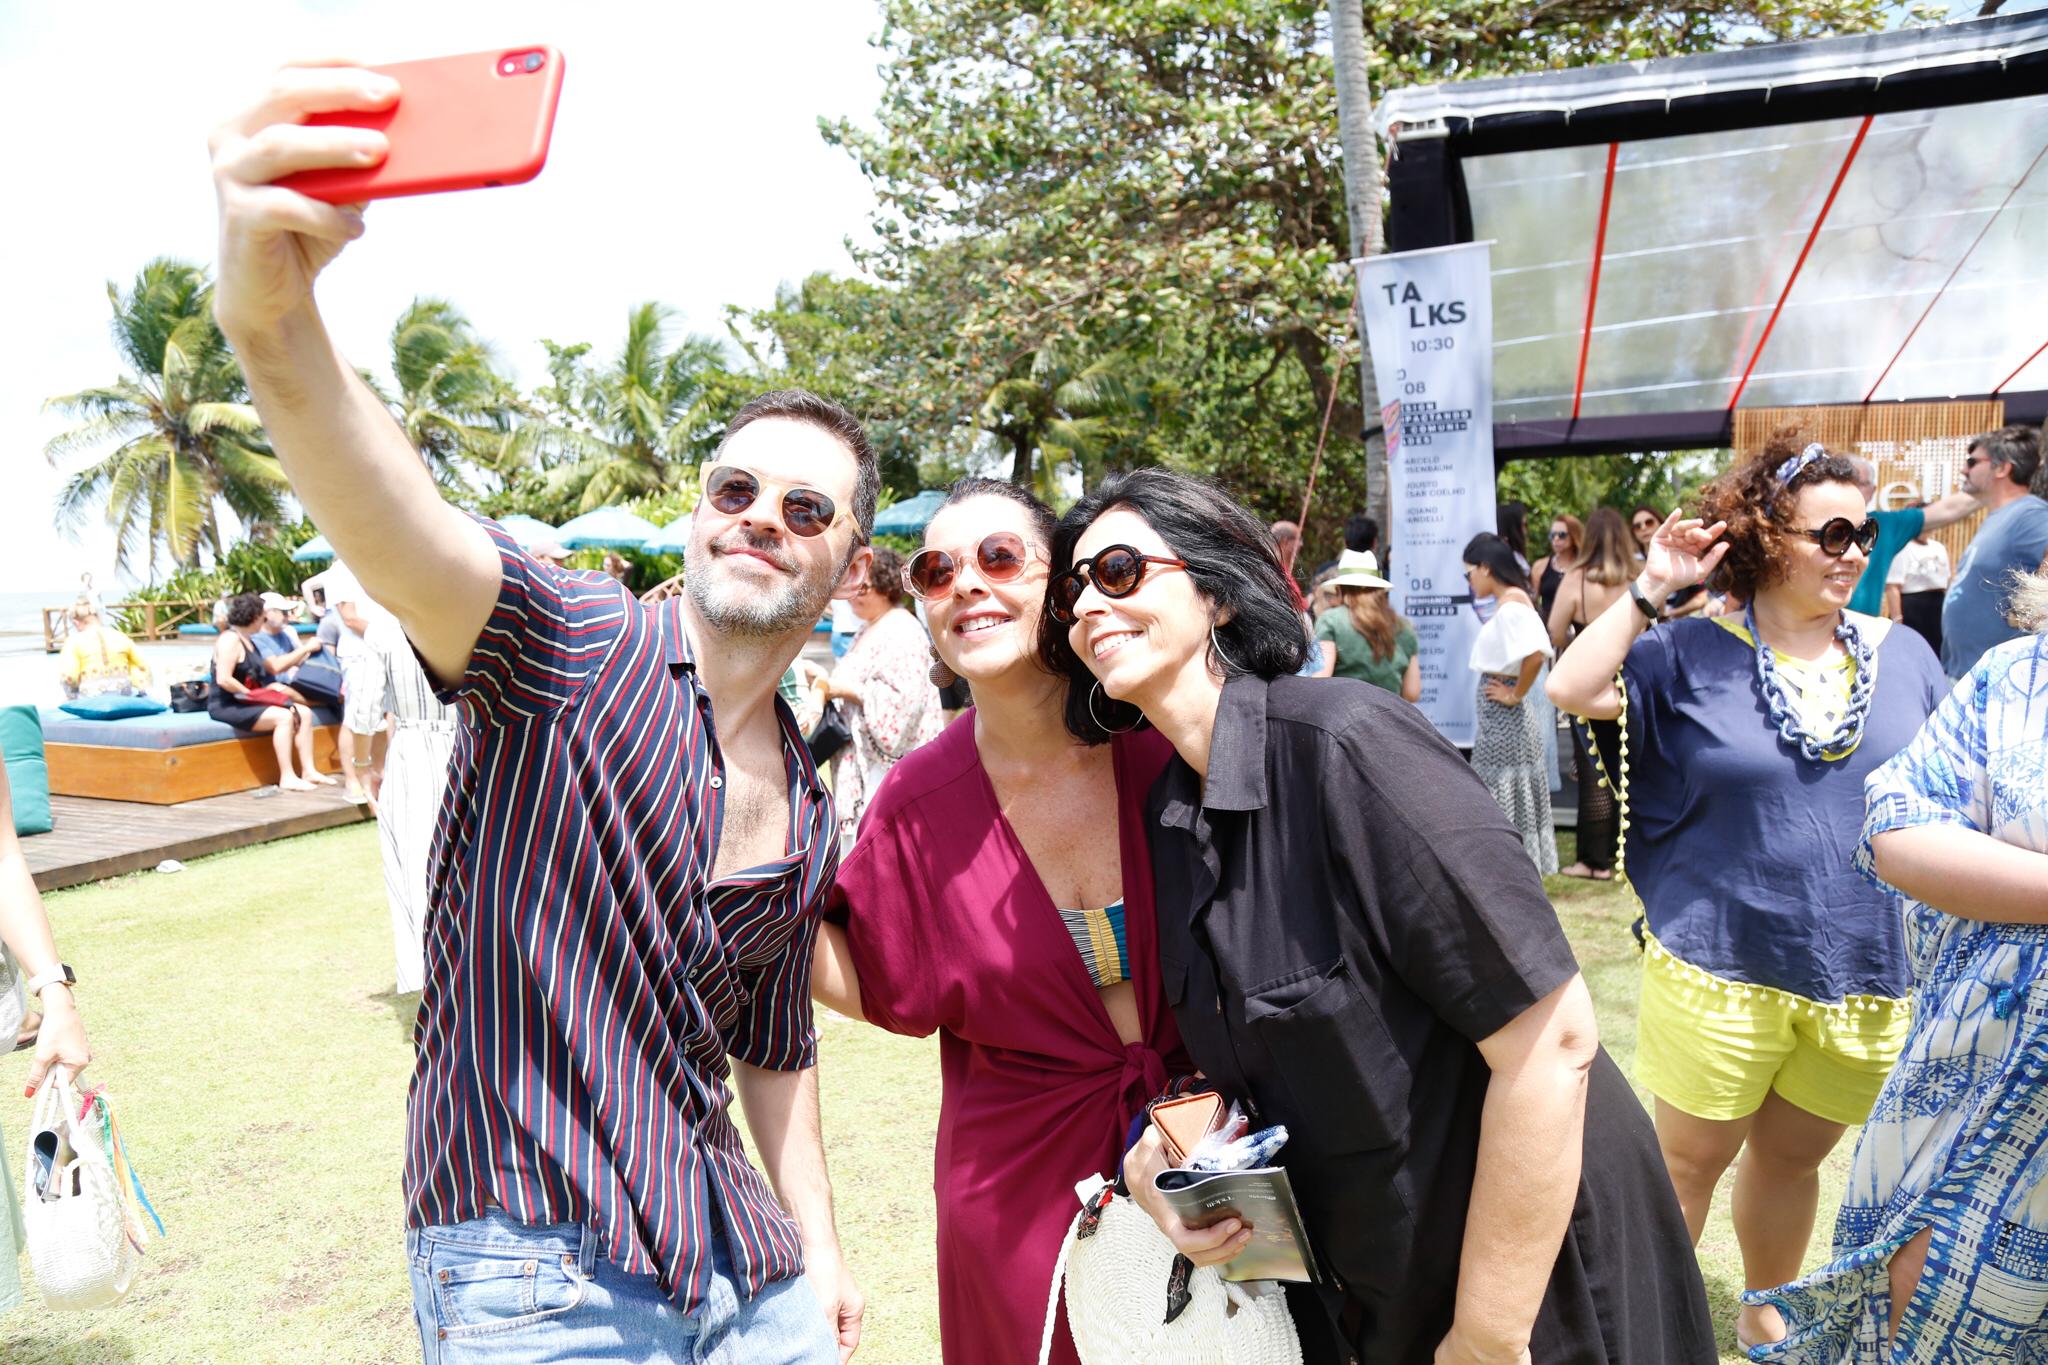 Mauricio Arruda nas selfies com fãs